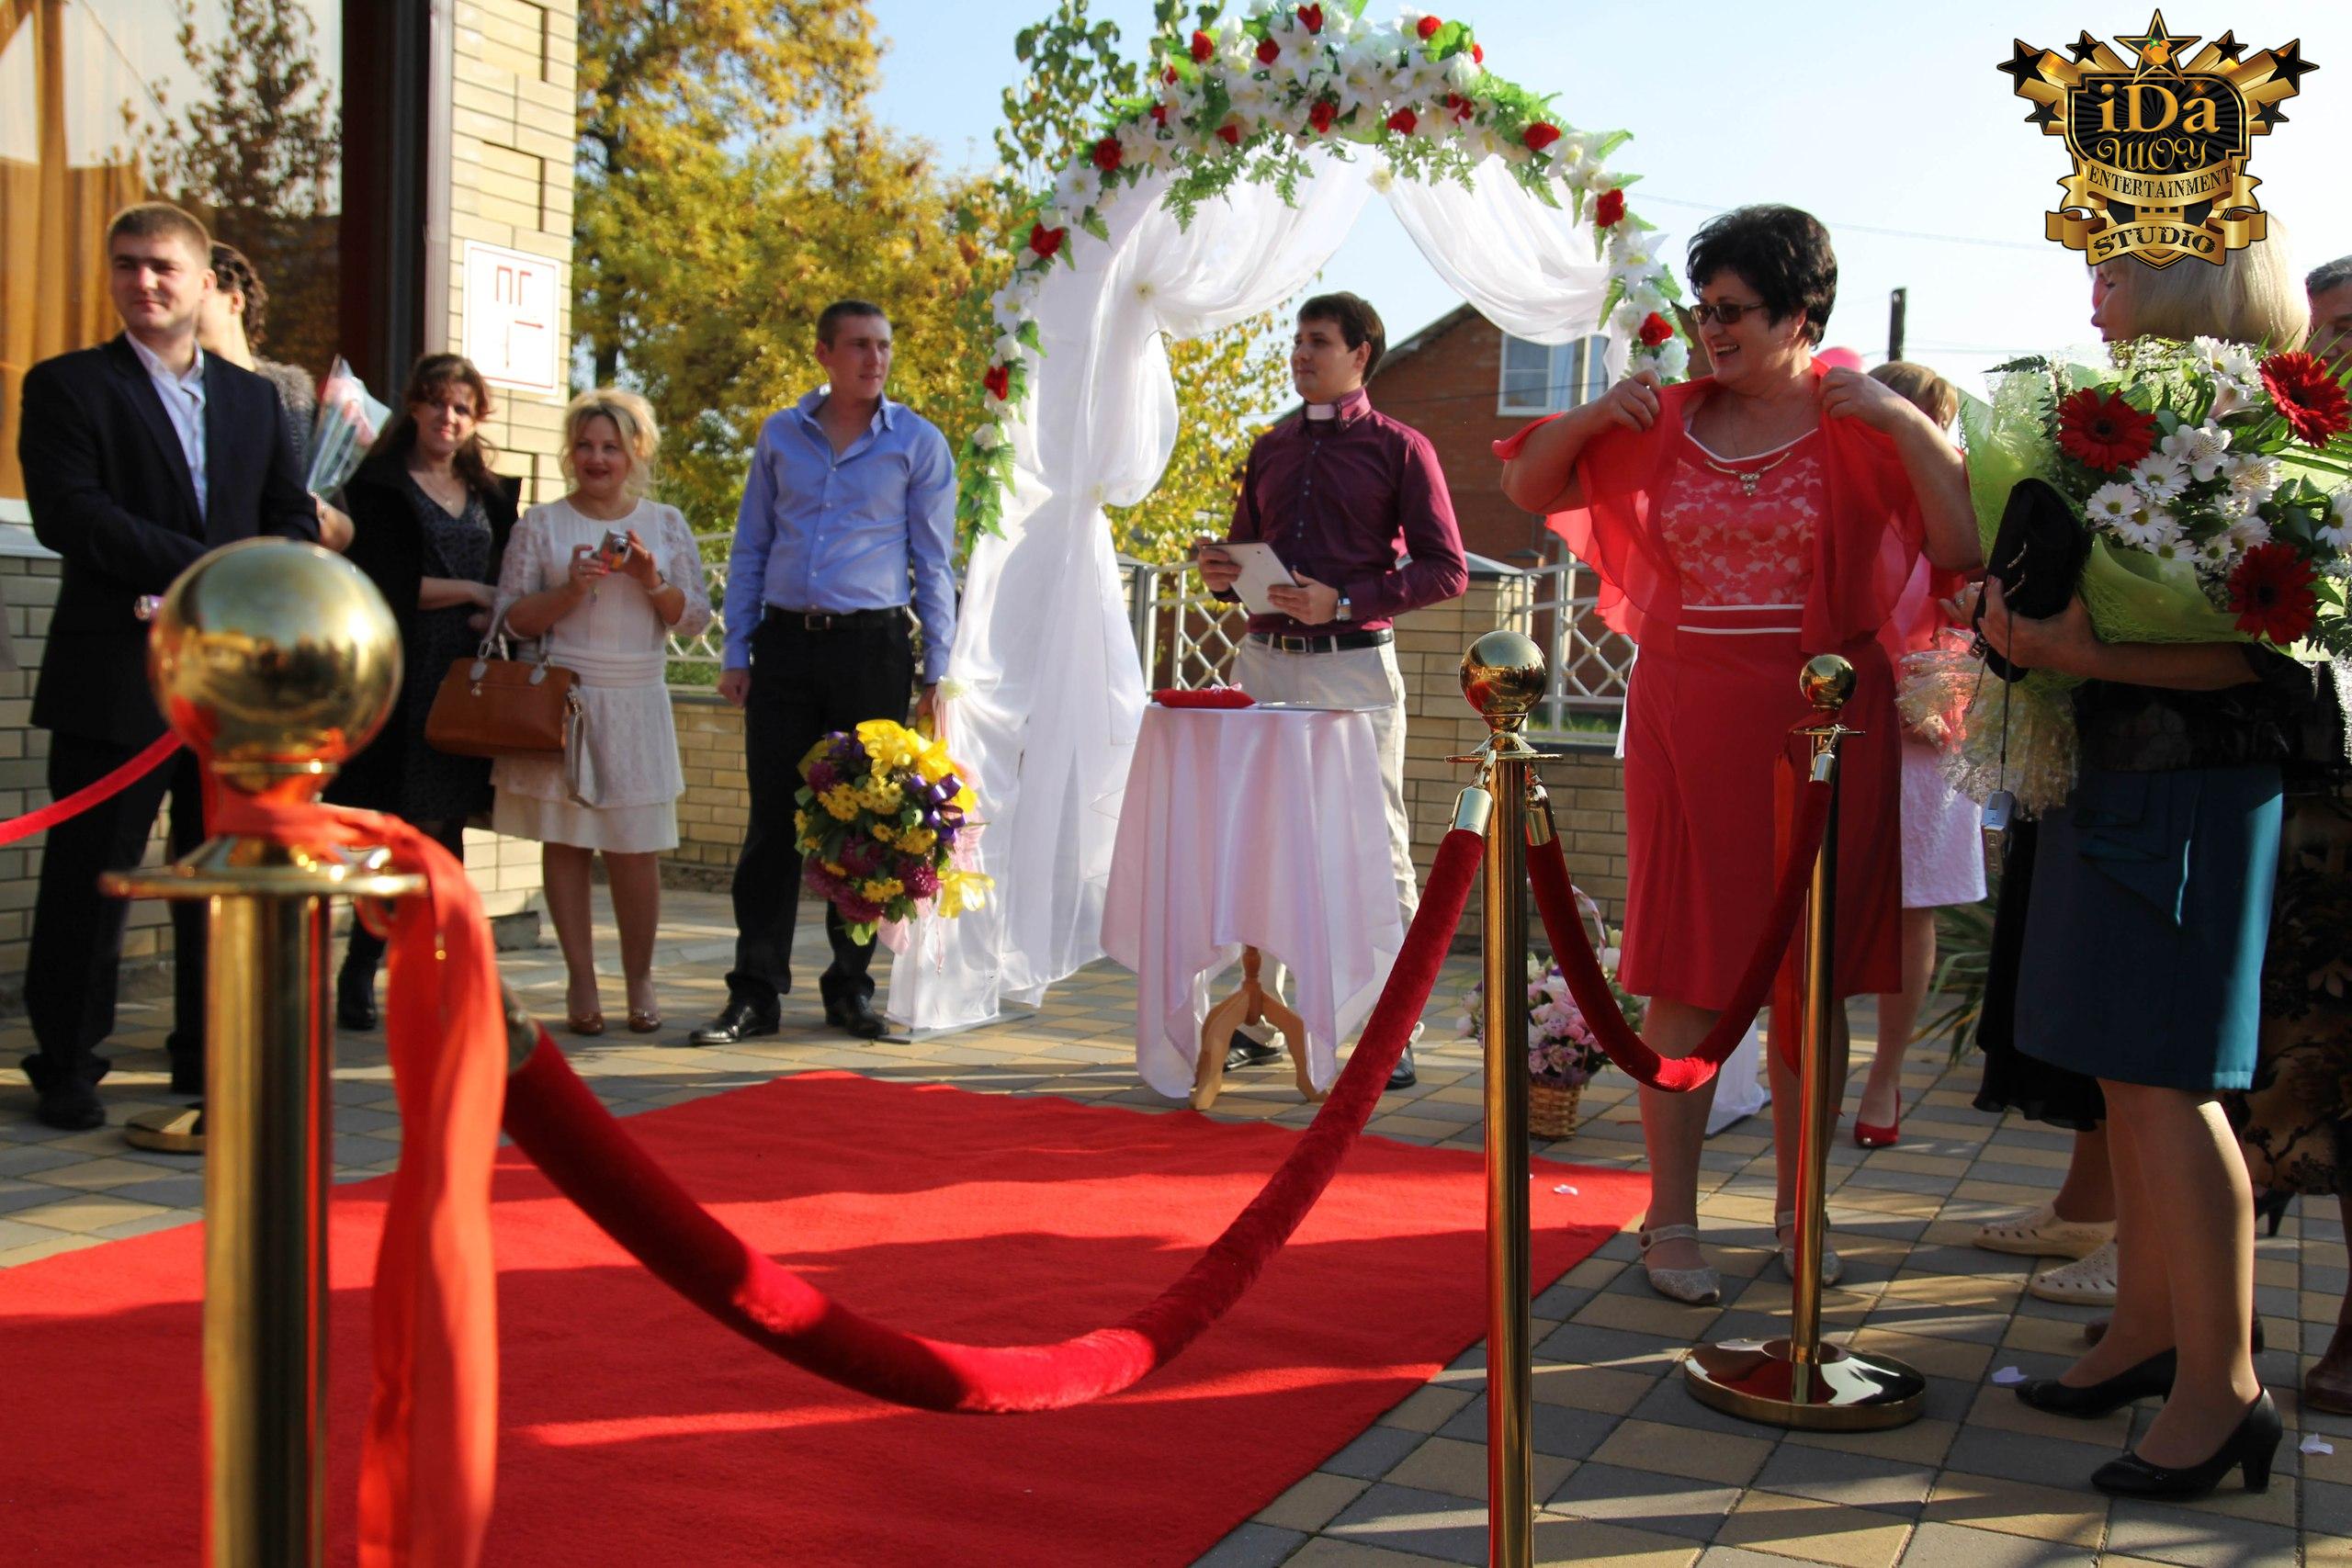 В ожидании молодожёнов. Европейская свадьба